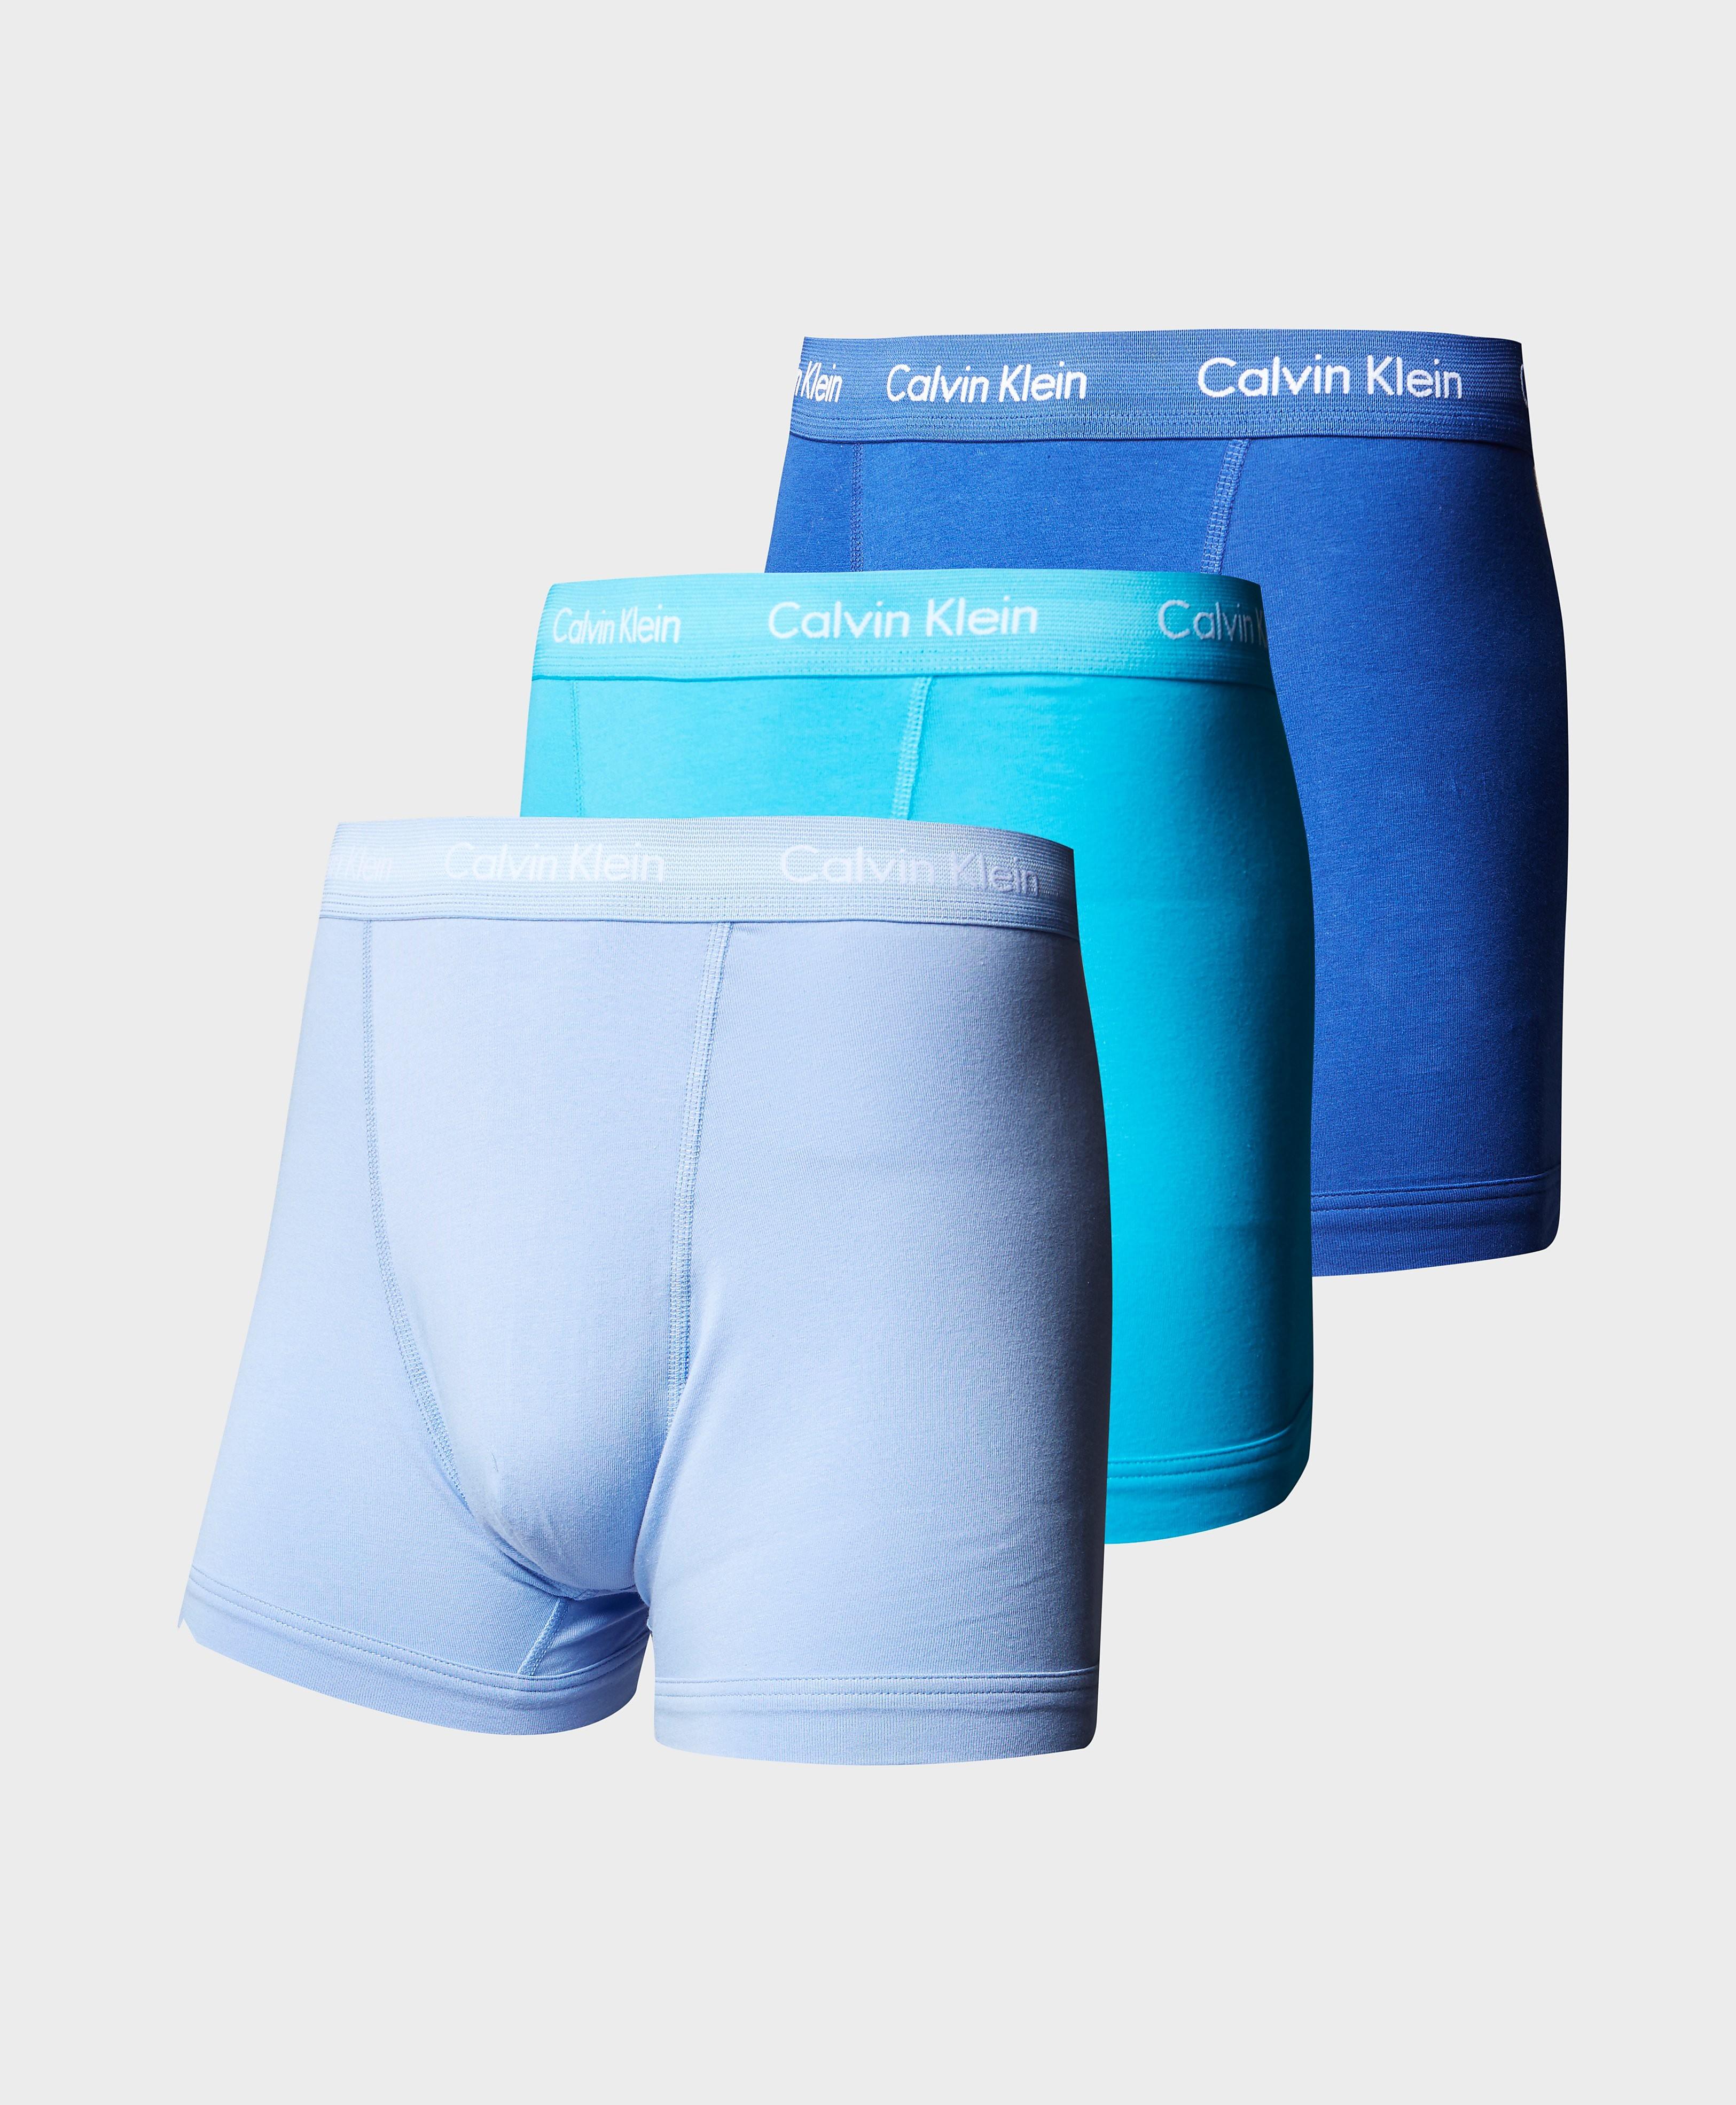 Calvin Klein 3 Pack Trunks